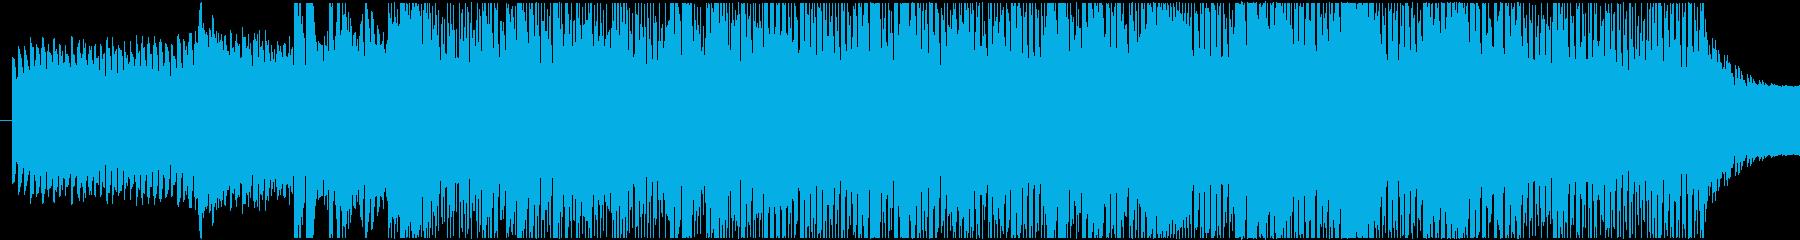 ミステリアスなBGMですの再生済みの波形